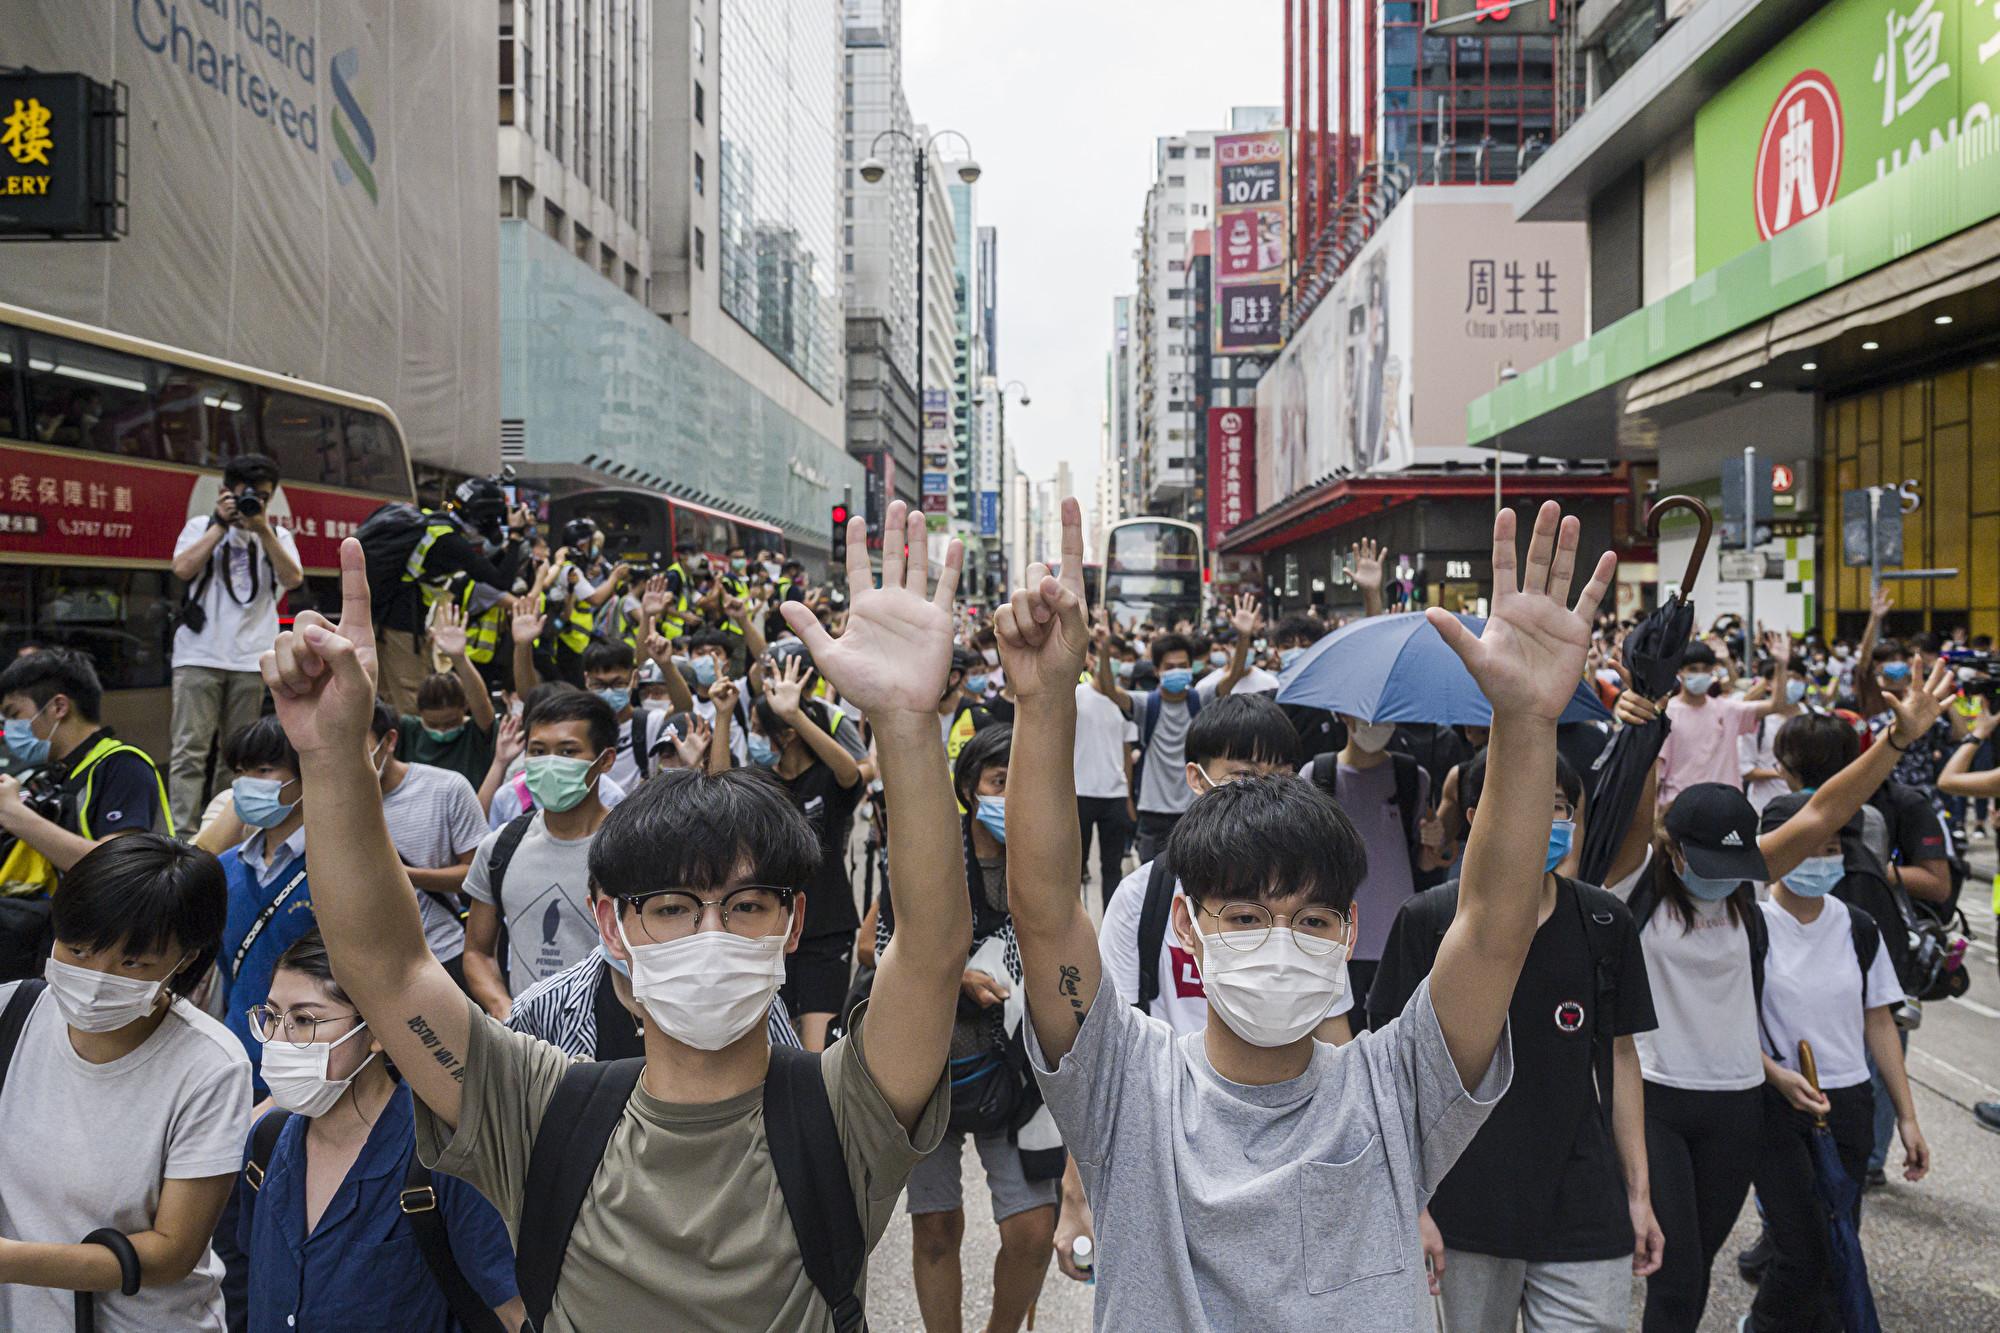 【5.27反國歌法直播】國歌法二讀 港人立法會抗議